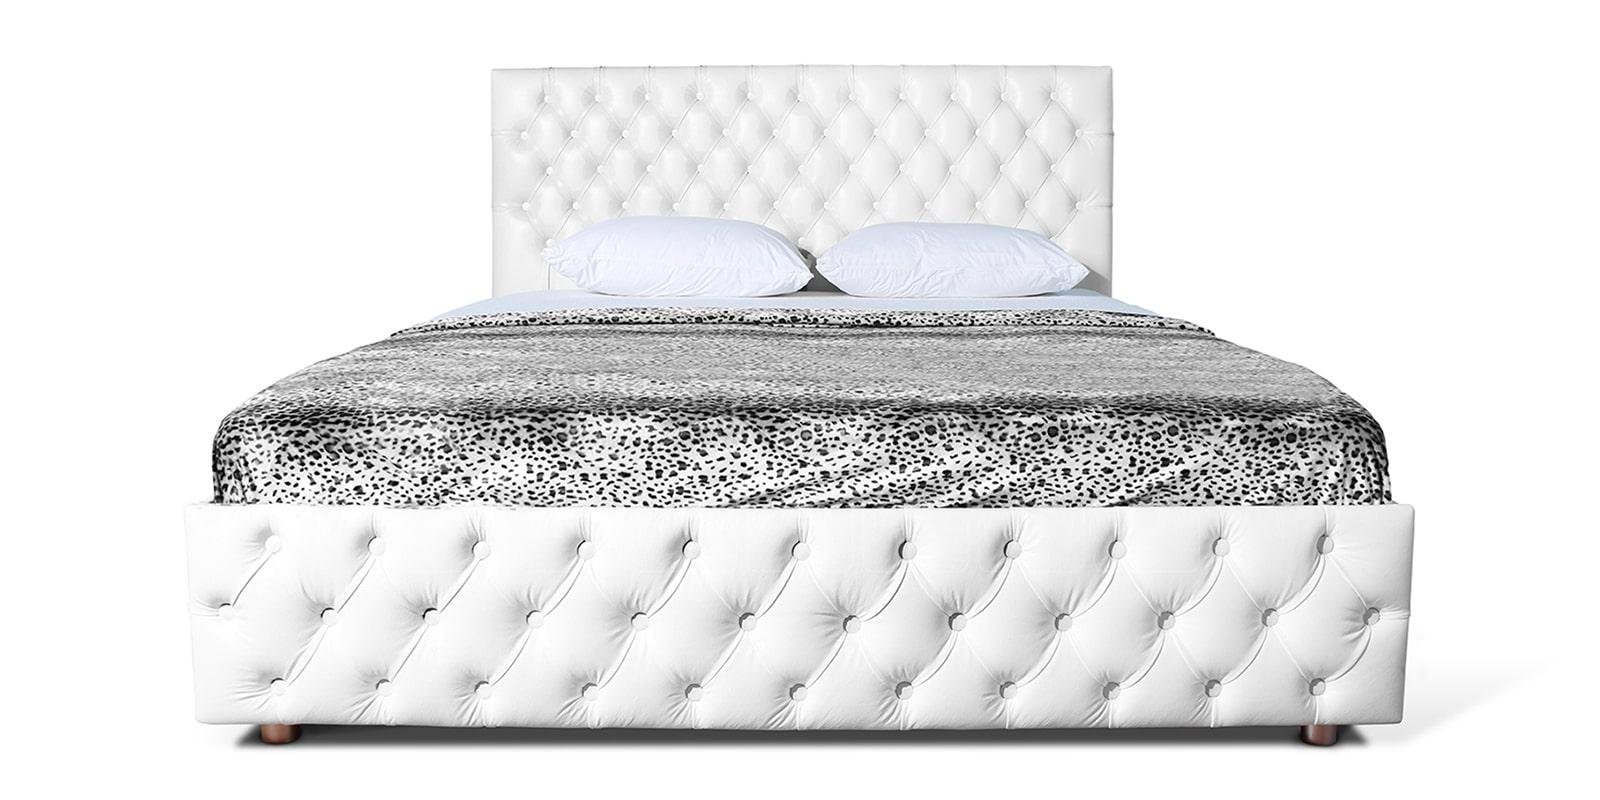 Мягкая кровать Малибу 160см экокожа белого цвета вариант 4 фото 2   интернет-магазин Складно